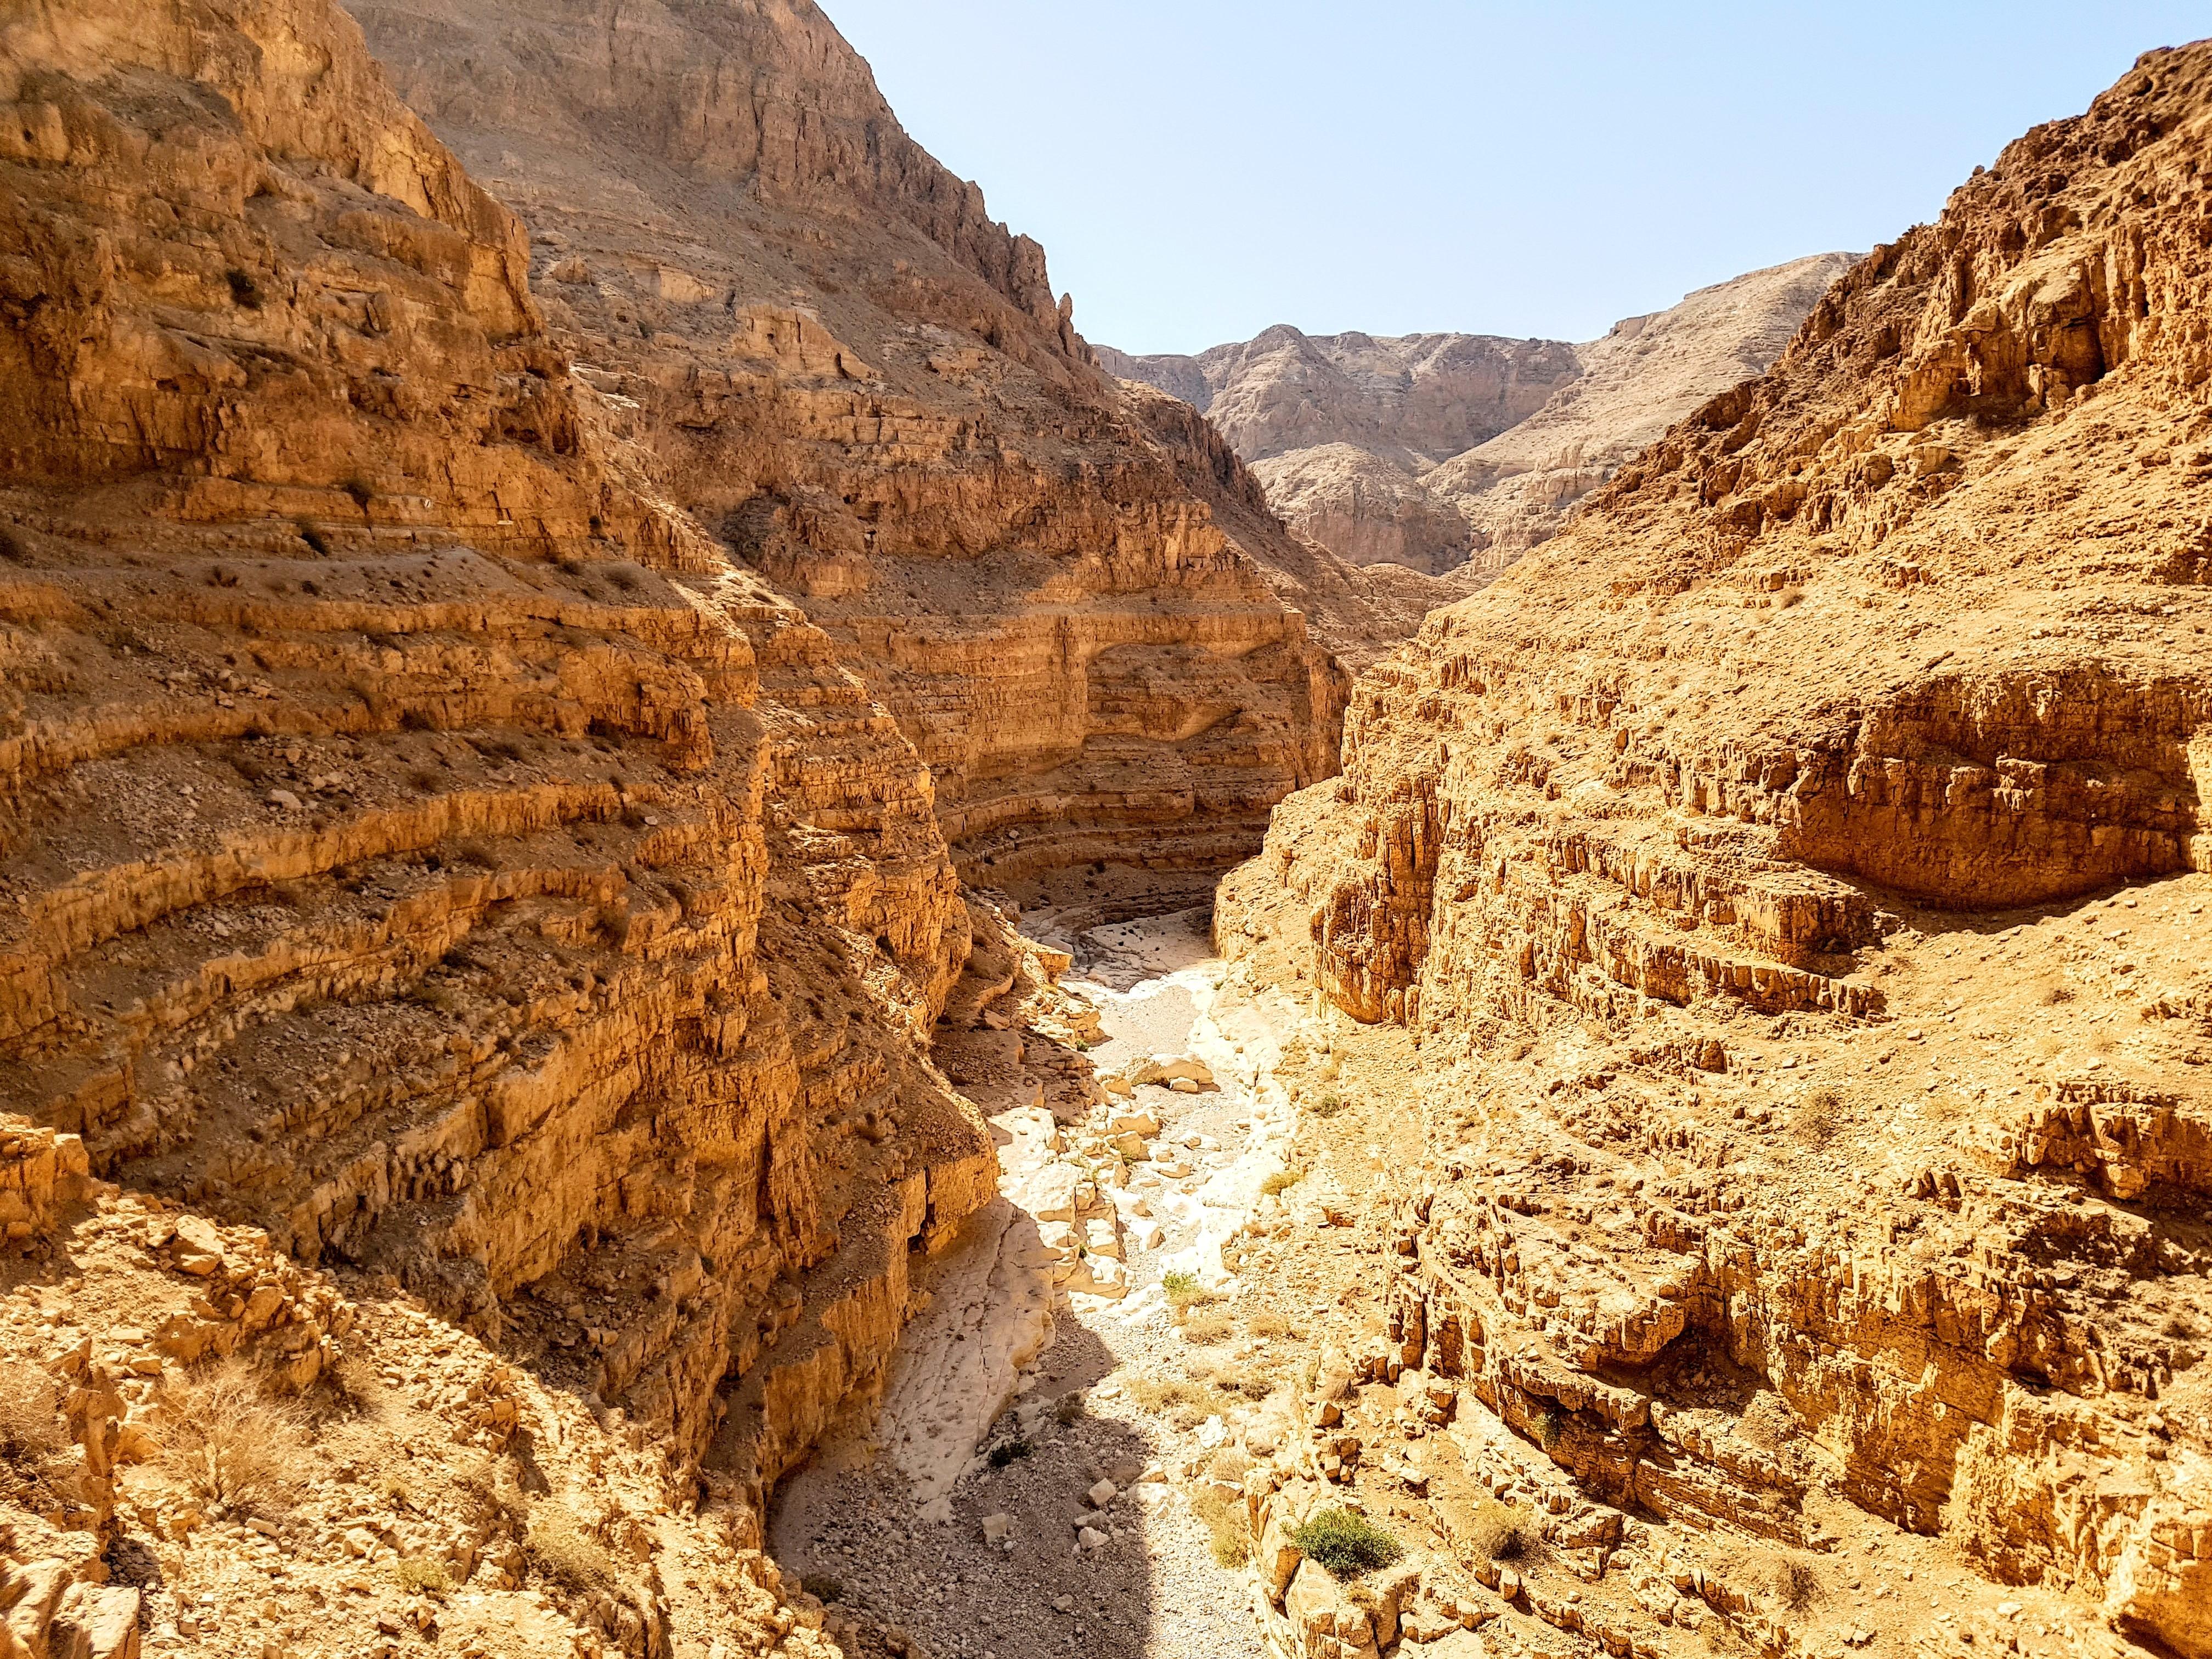 上图:犹大旷野的旱溪Wadi Dragot,雨季有水,旱季干涸。